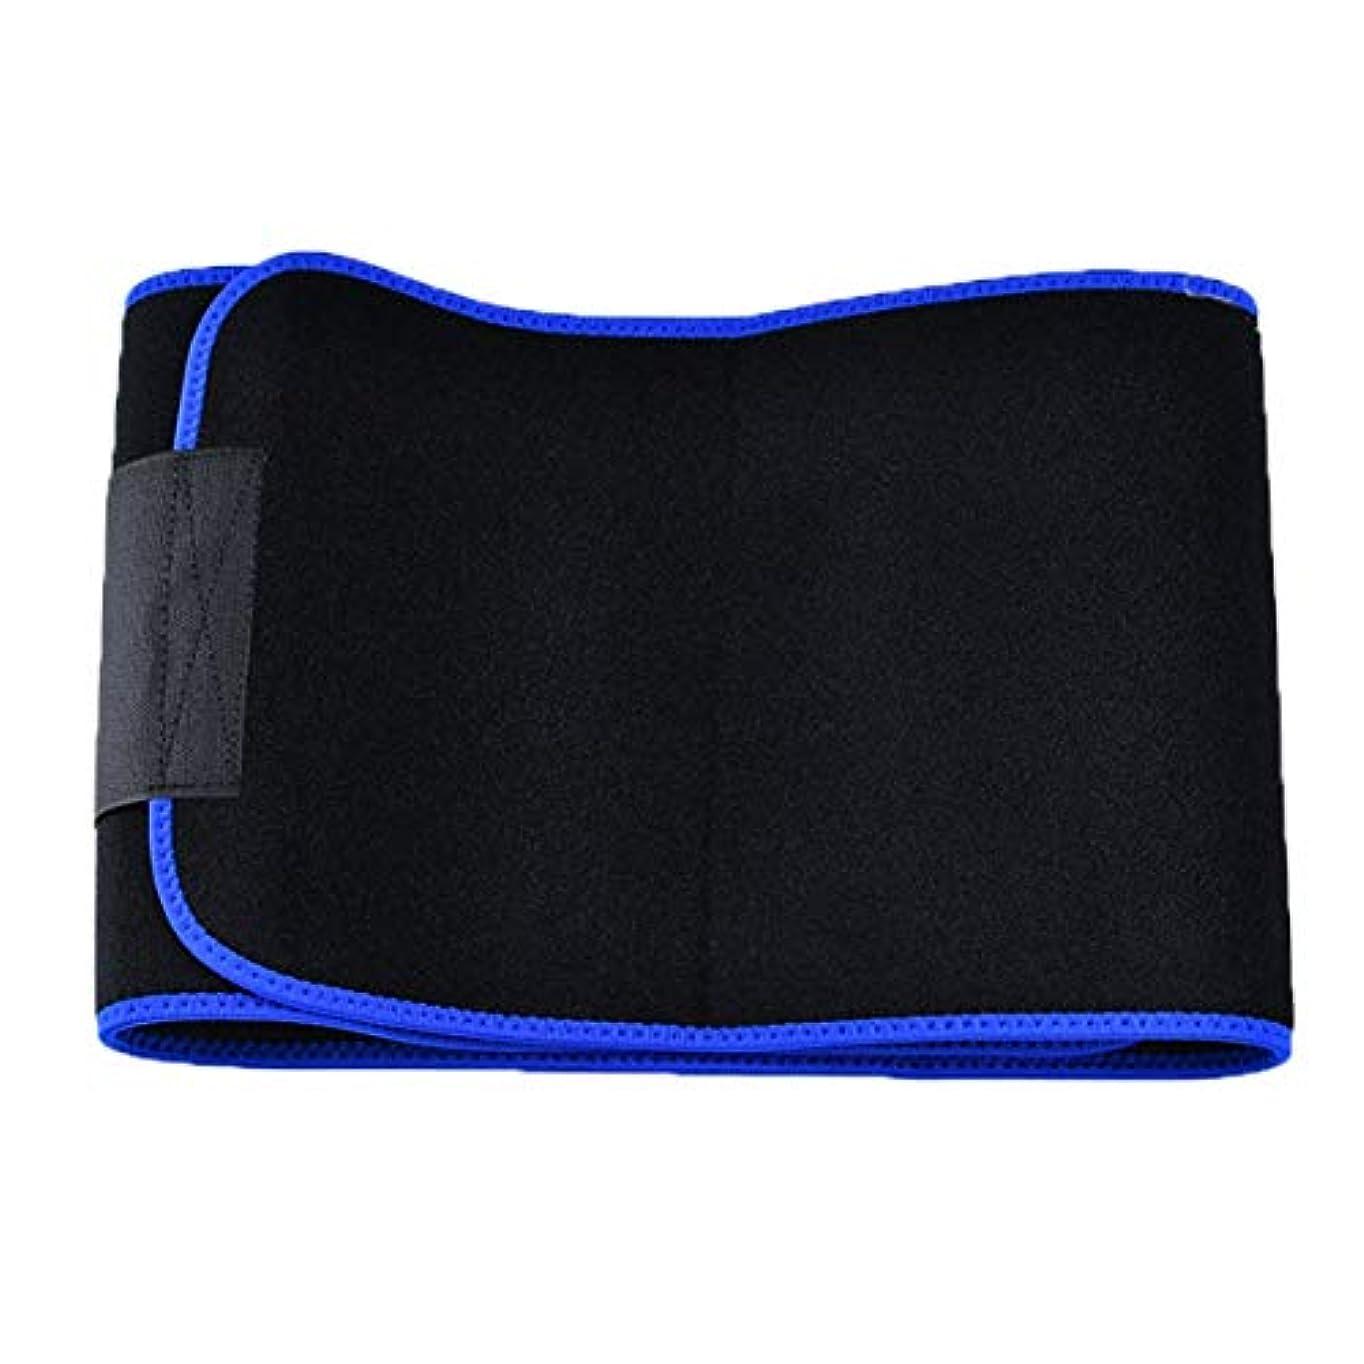 セラー千脚本腹部プラスチックベルトウエストサポートボディシェイパートレーニングコルセット痩身ウエストベルトスリム汗スポーツ保護具